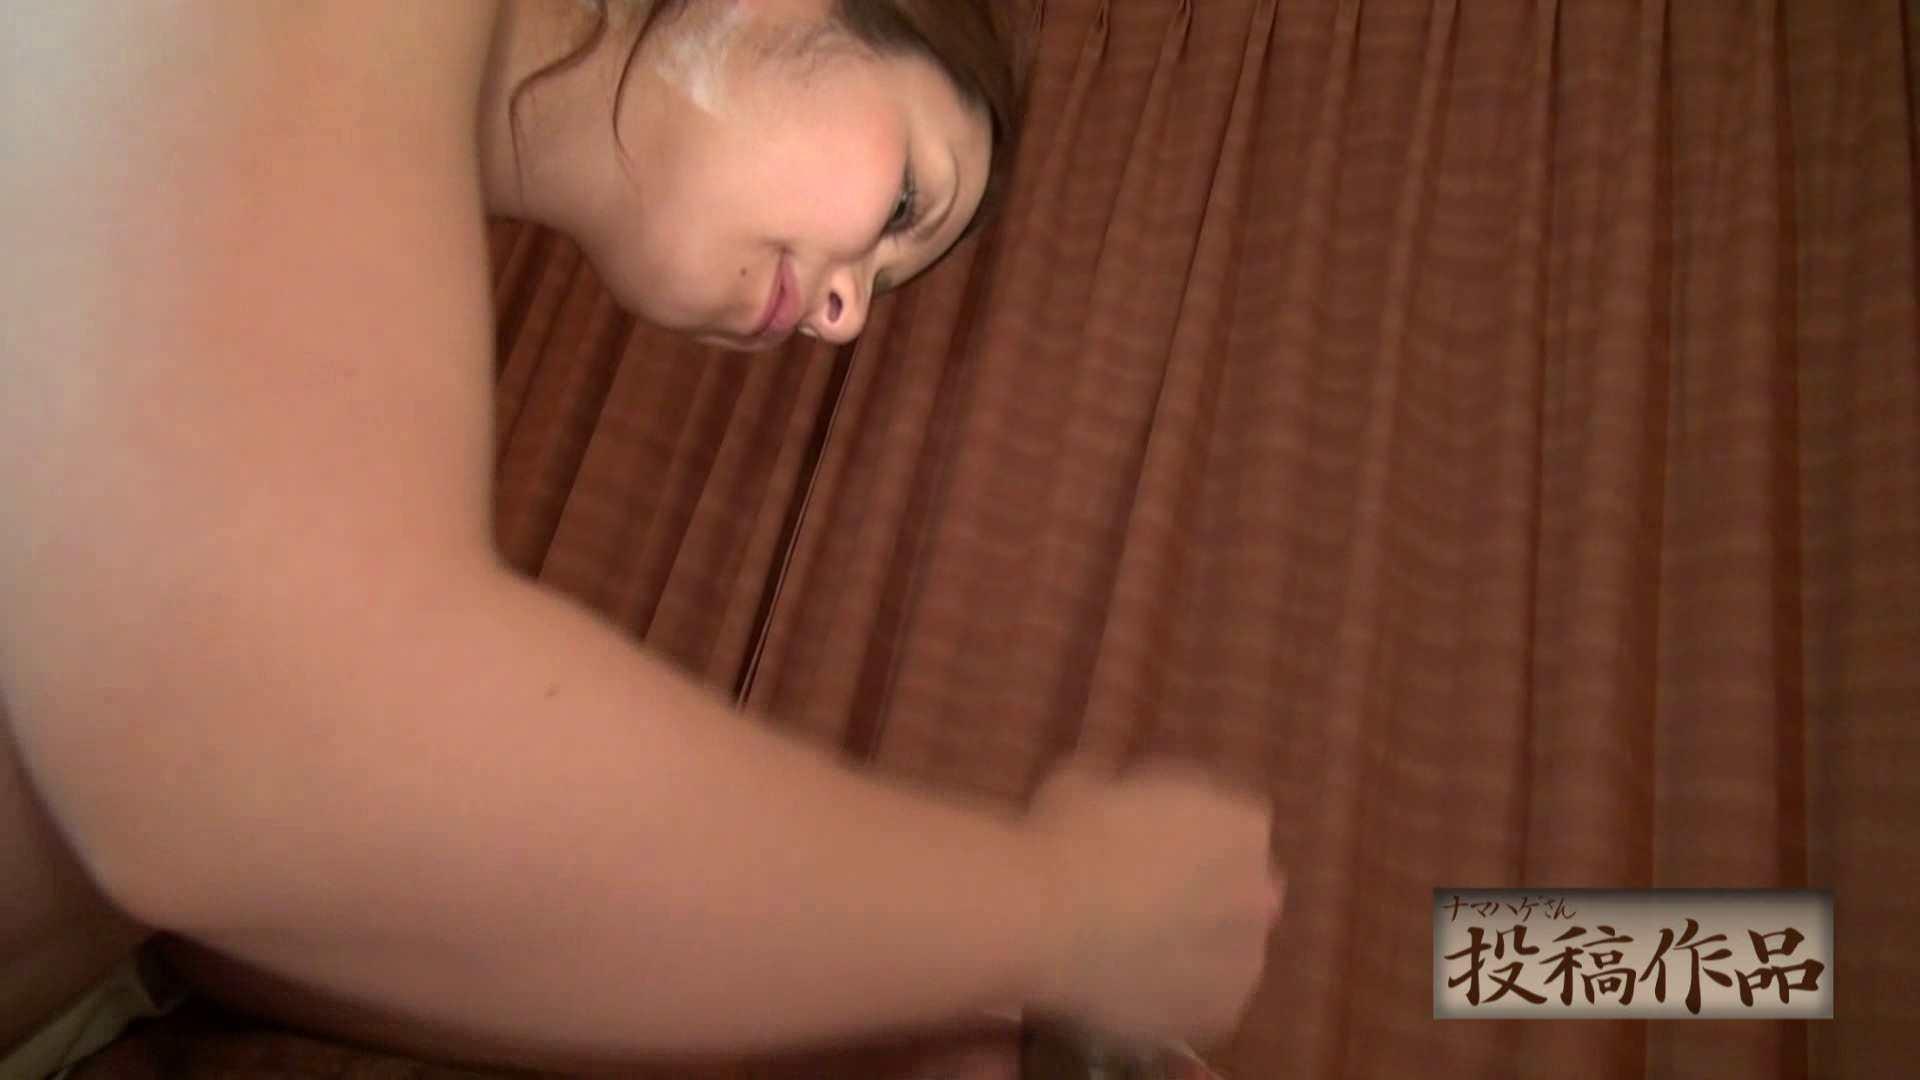 ナマハゲさんのまんこコレクション第二章 mizuhovol.2 OLの裸事情 AV動画キャプチャ 77枚 44